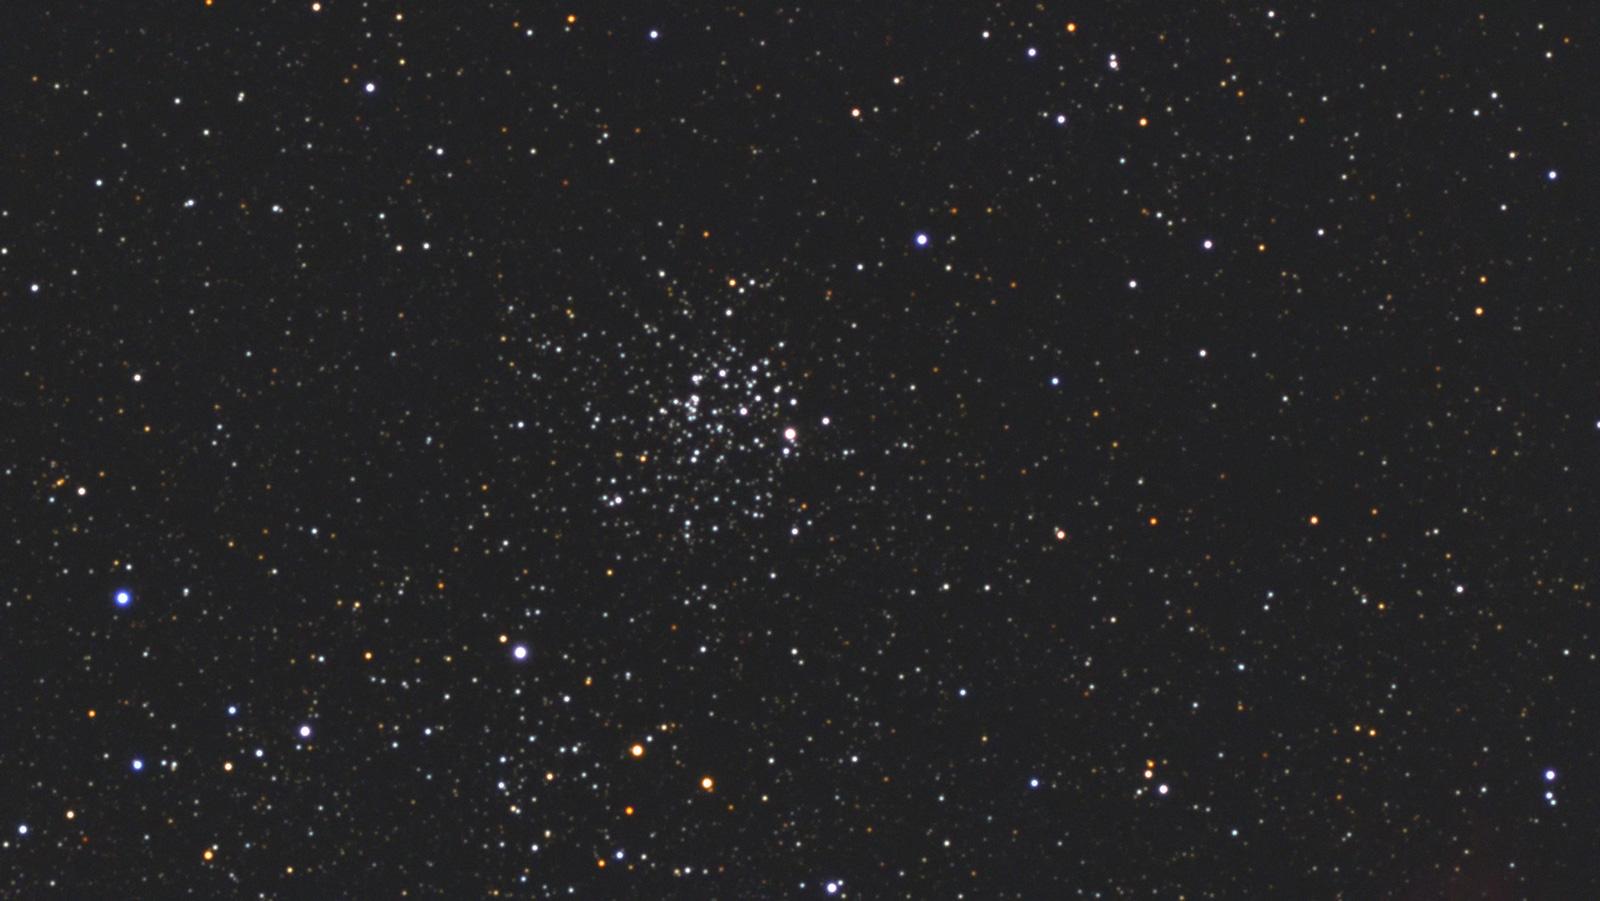 M52_fs60f6_asi385mc_20x30sec_s